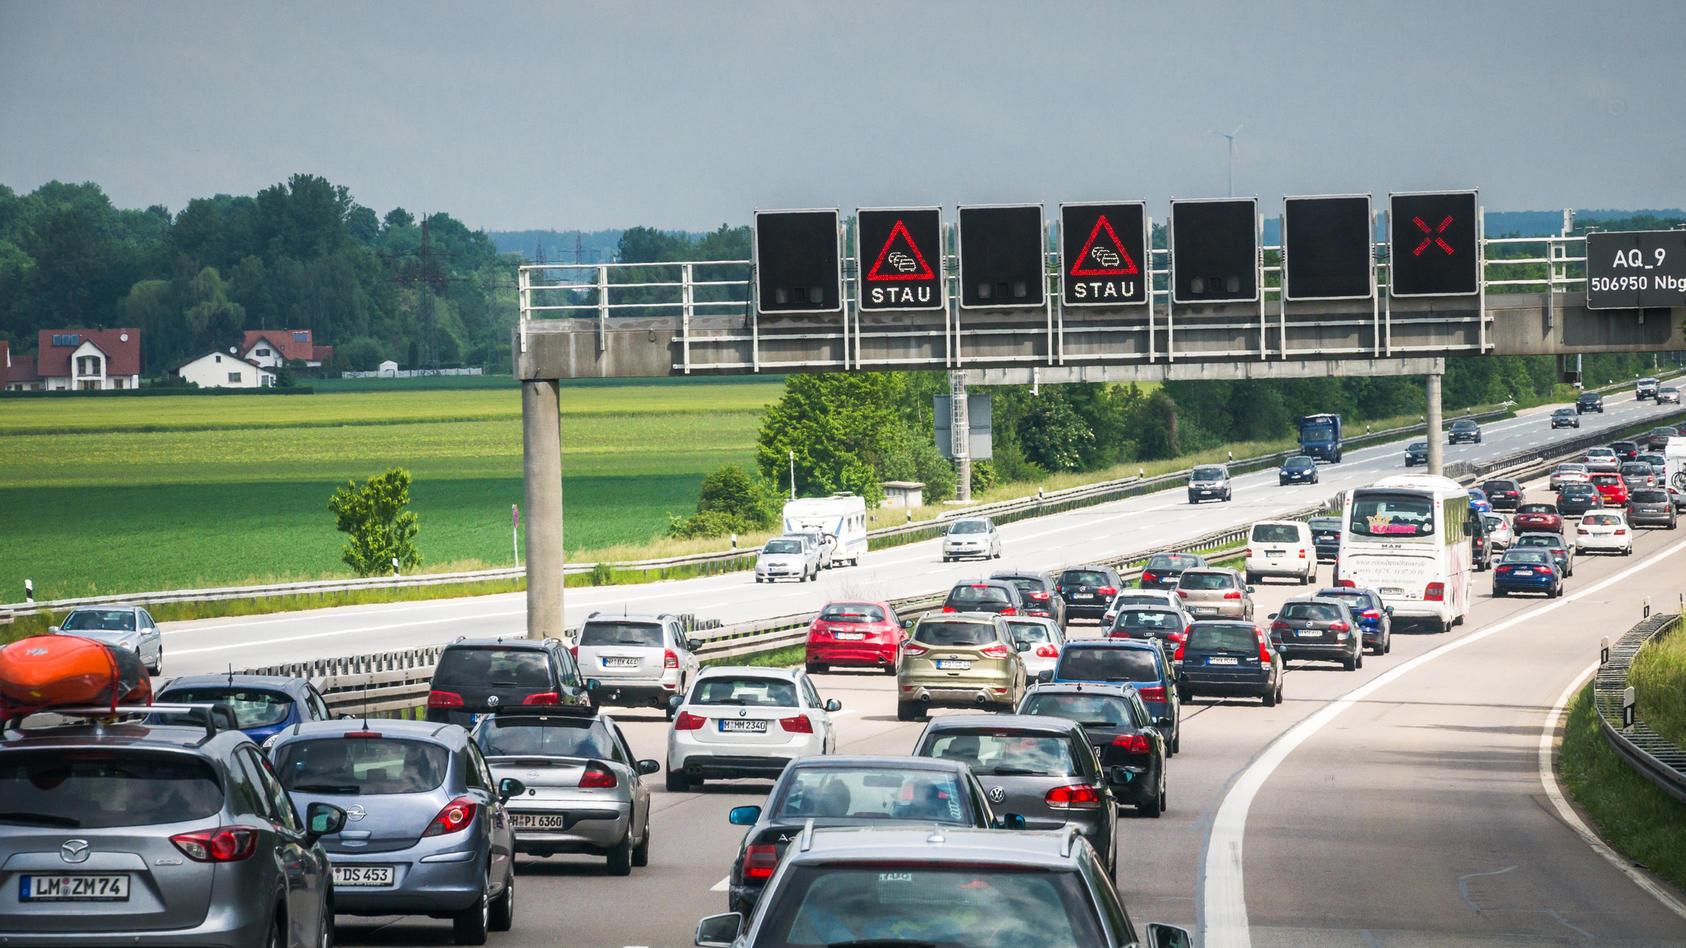 Am Wochenende herrscht auf vielen Autobahnen erhöhte Staugefahr.